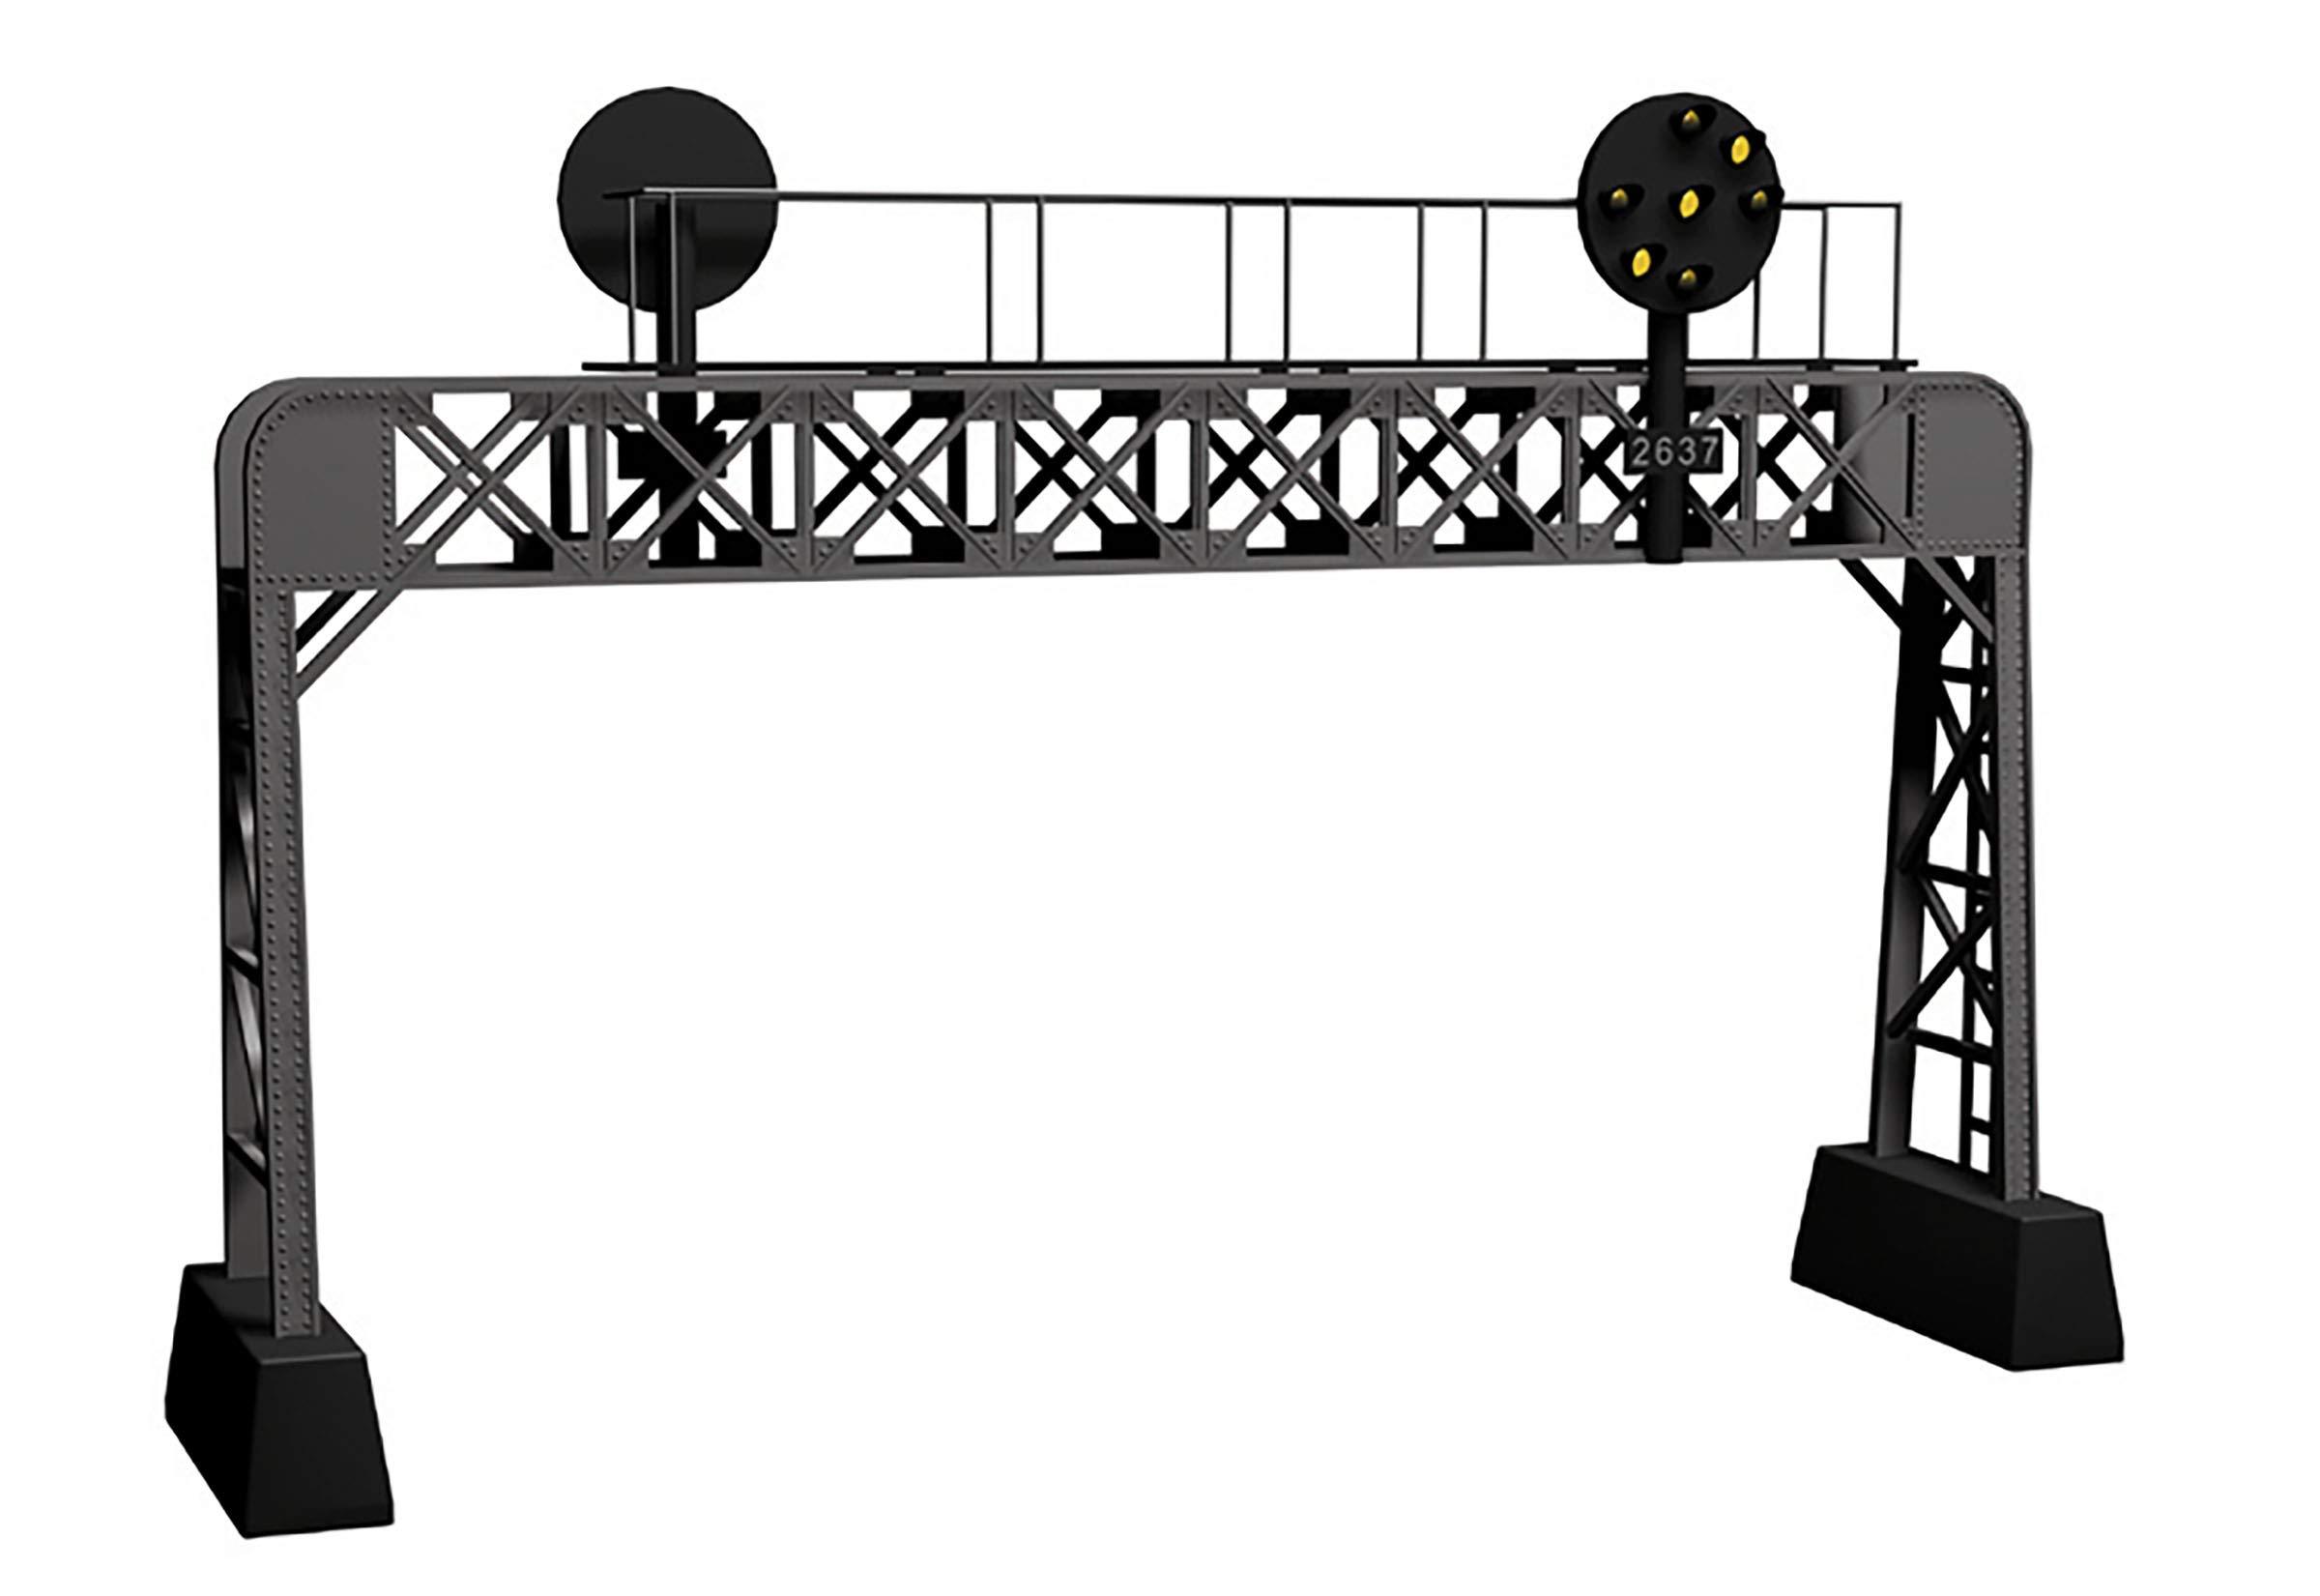 O Signal Bridge, PRR by MTH/RAILKING